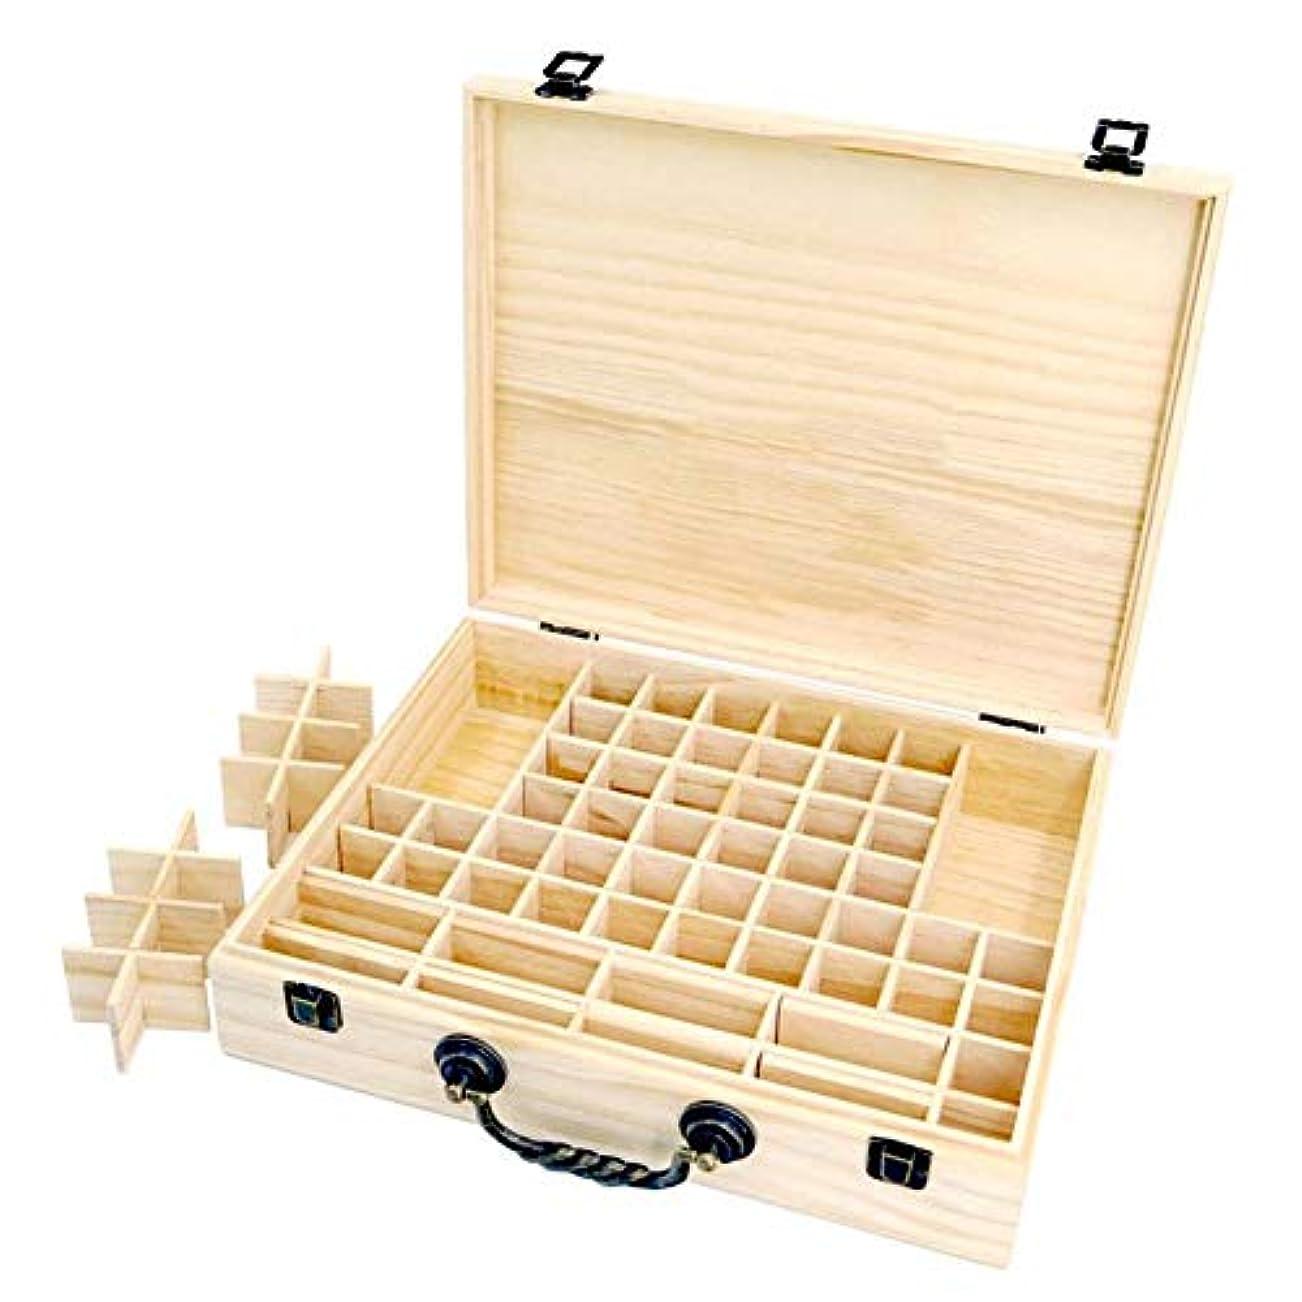 返還租界家畜エッセンシャルオイル収納ボックス 収納ケース 保存ボックス パイン製 取り外し可能なメッシュ 70グリッド 持ち運び便利 junexi